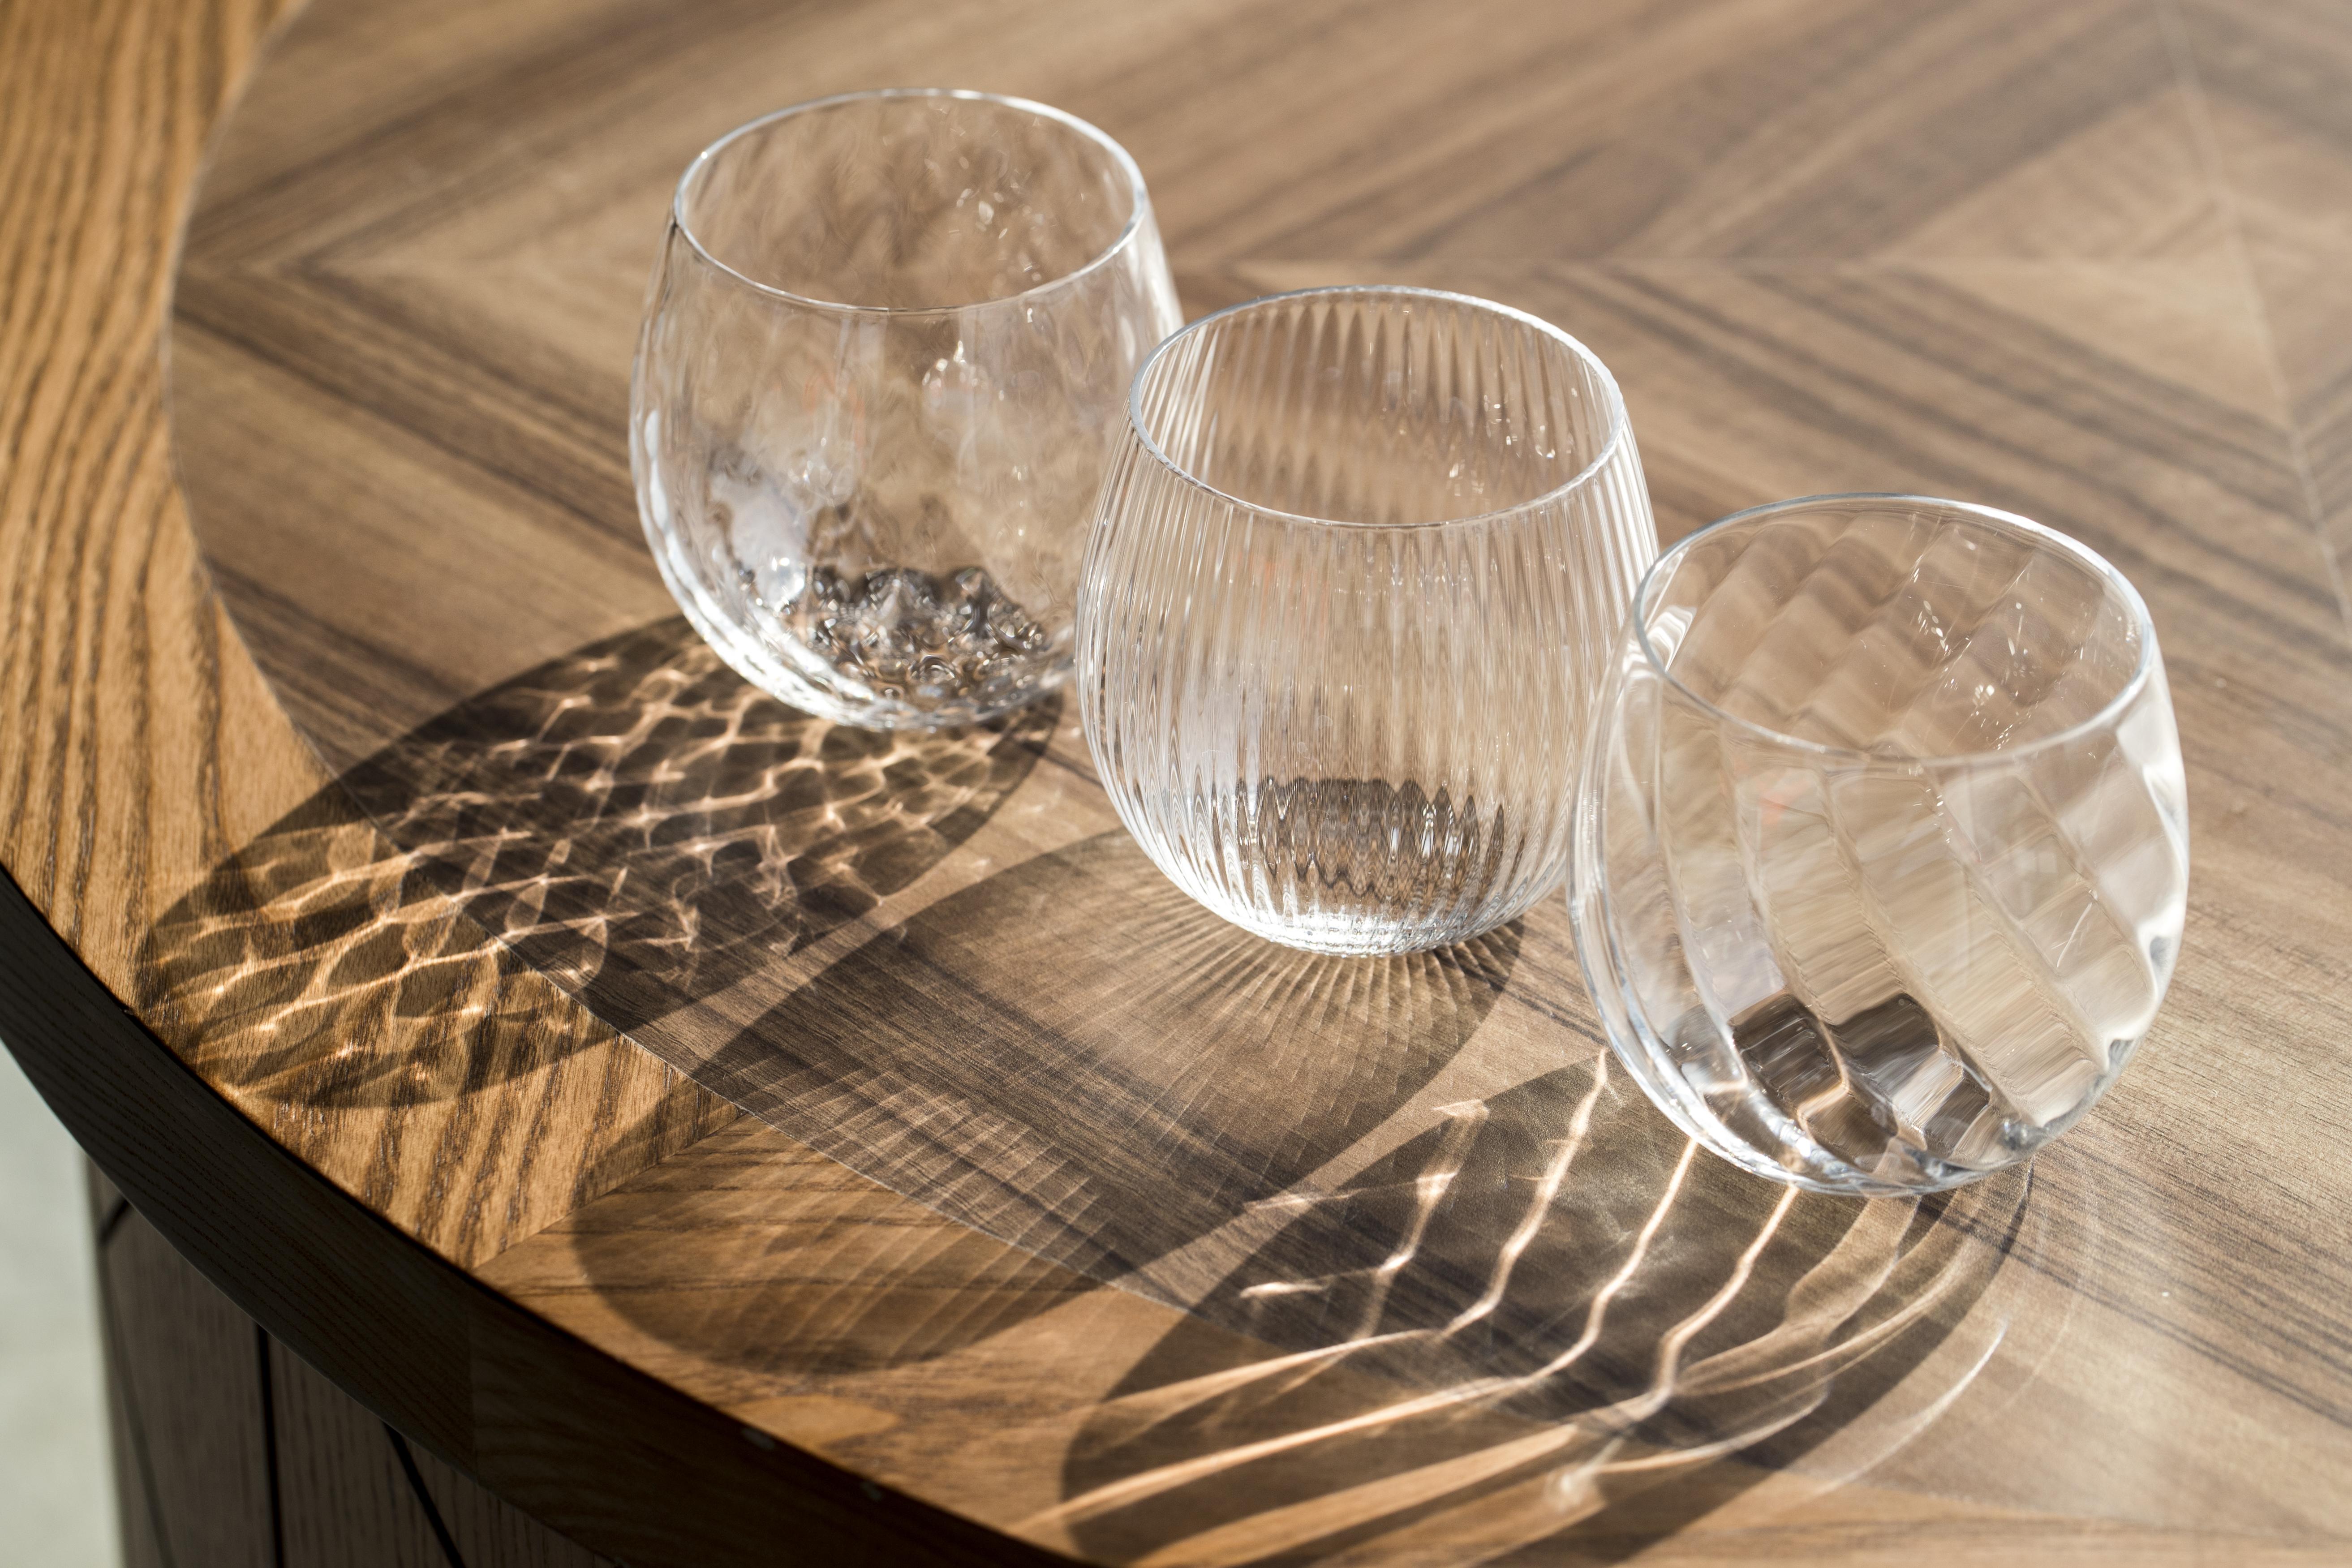 徳島県の結婚式場ブランアンジュのグラス